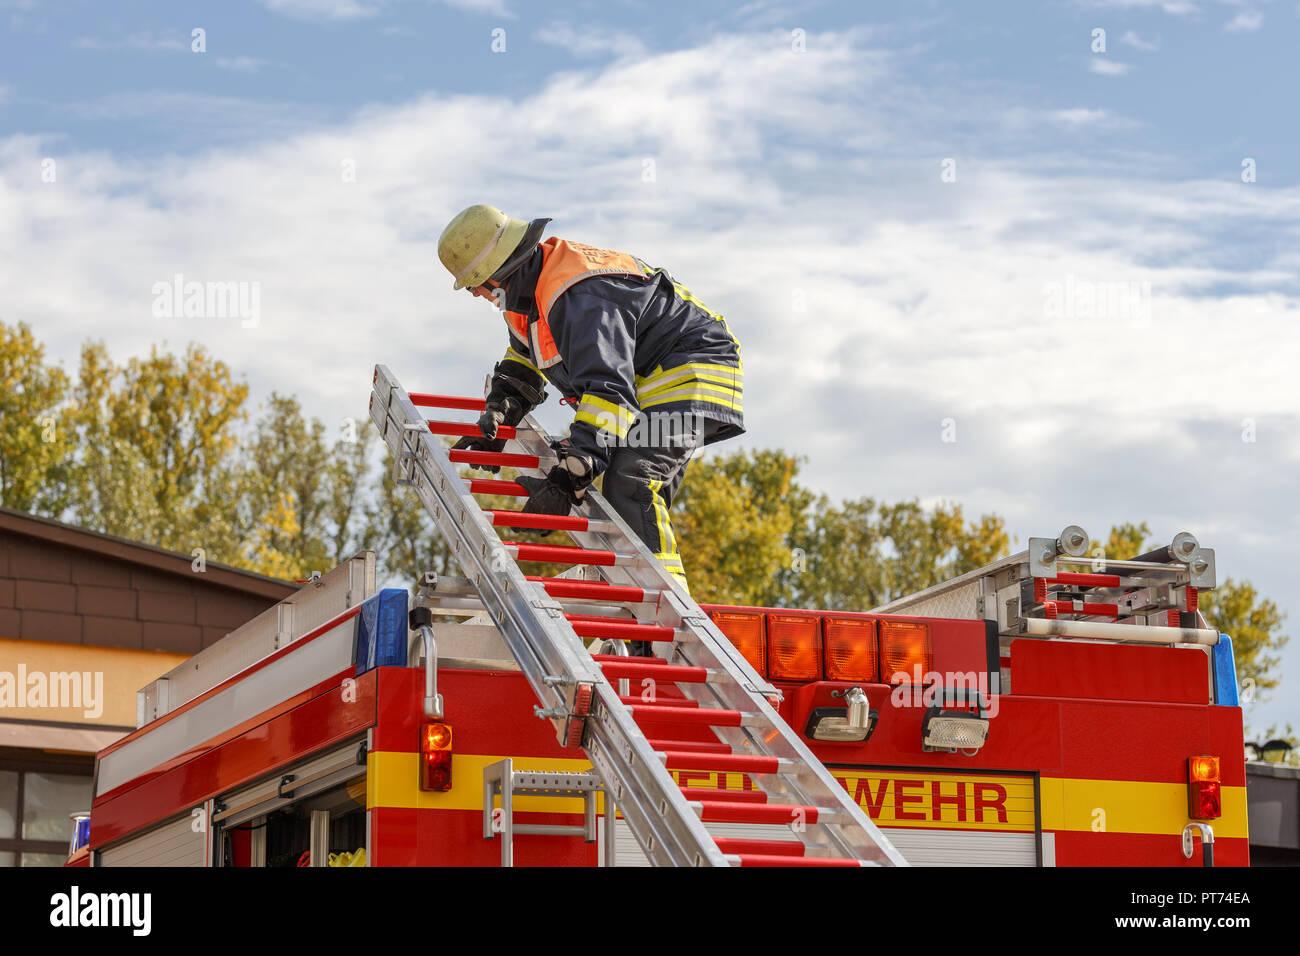 Feuerwehrmann beim abladen einer Leiter - Stock Image